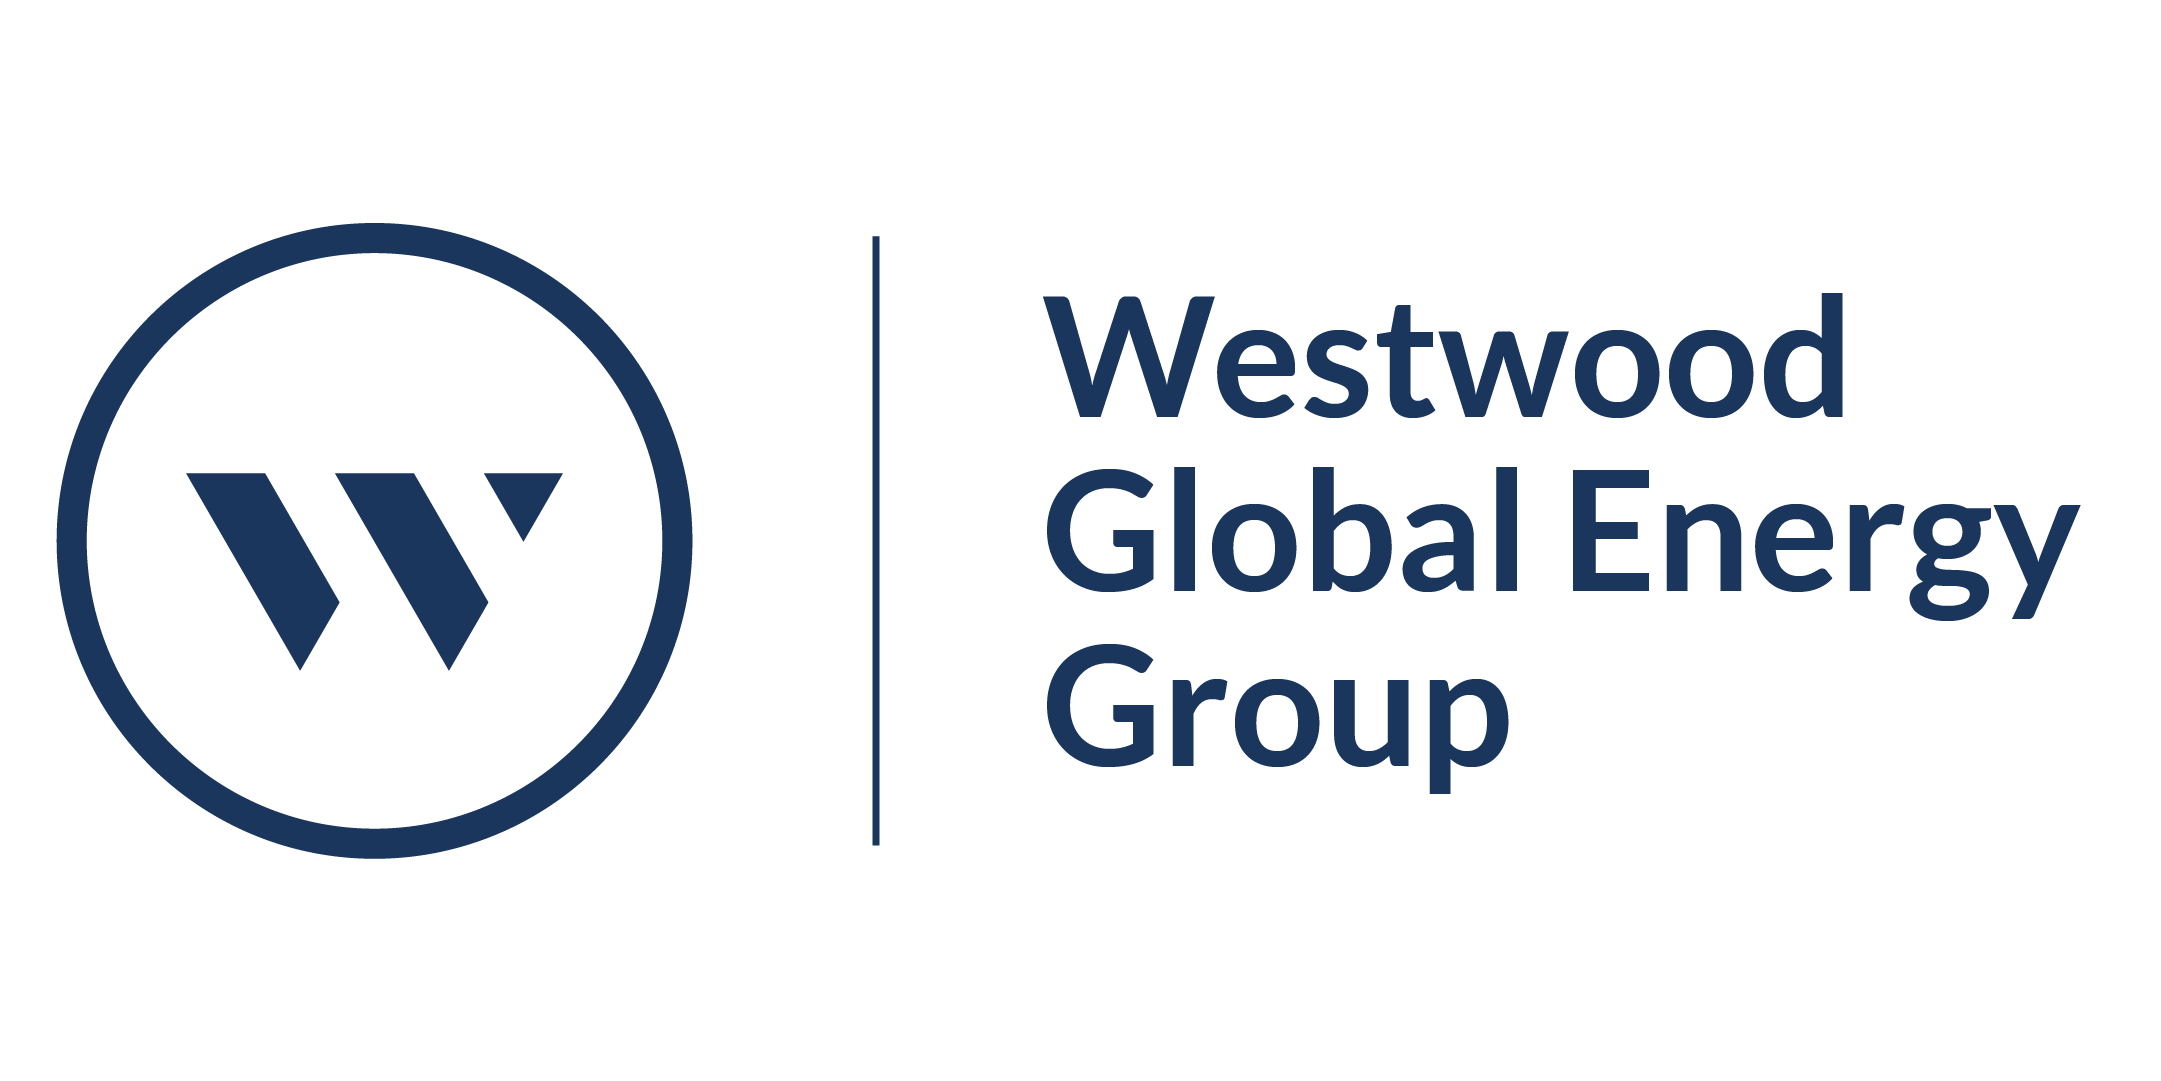 Westwood Global Energy Group- Q3 Upstream Trends Breakfast Briefing